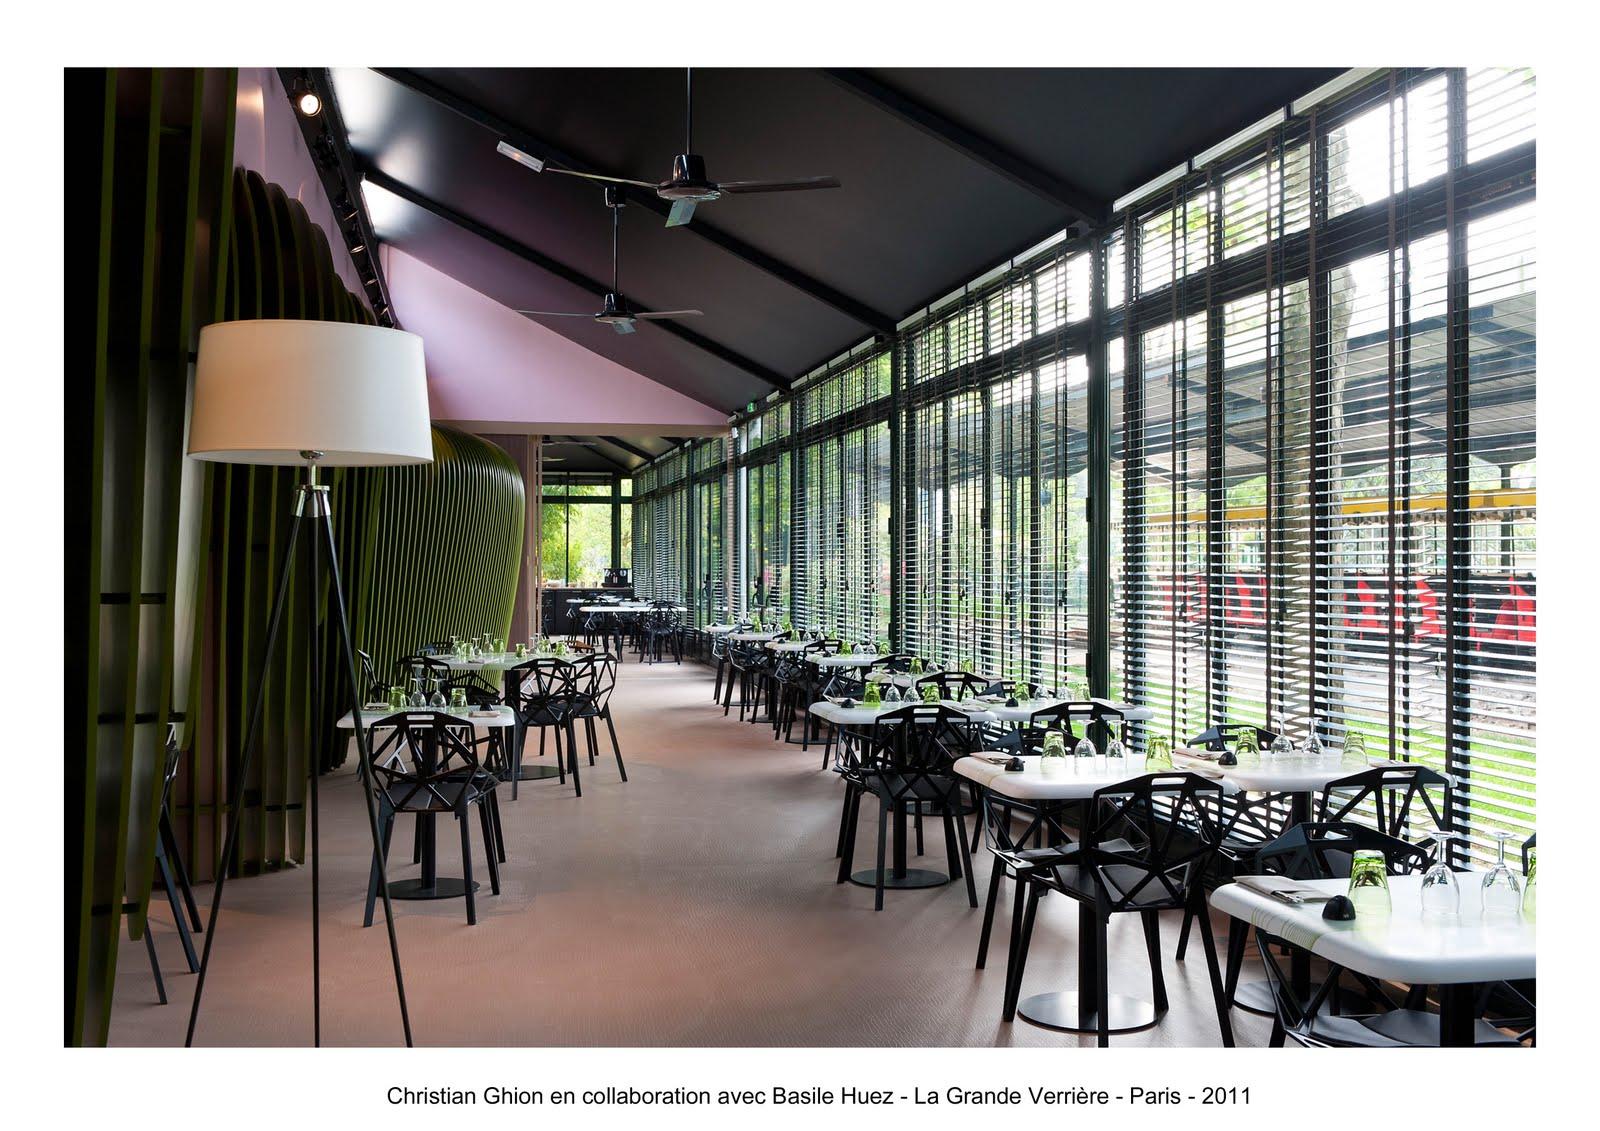 Basile huez design collaborations - Brunch jardin d acclimatation ...